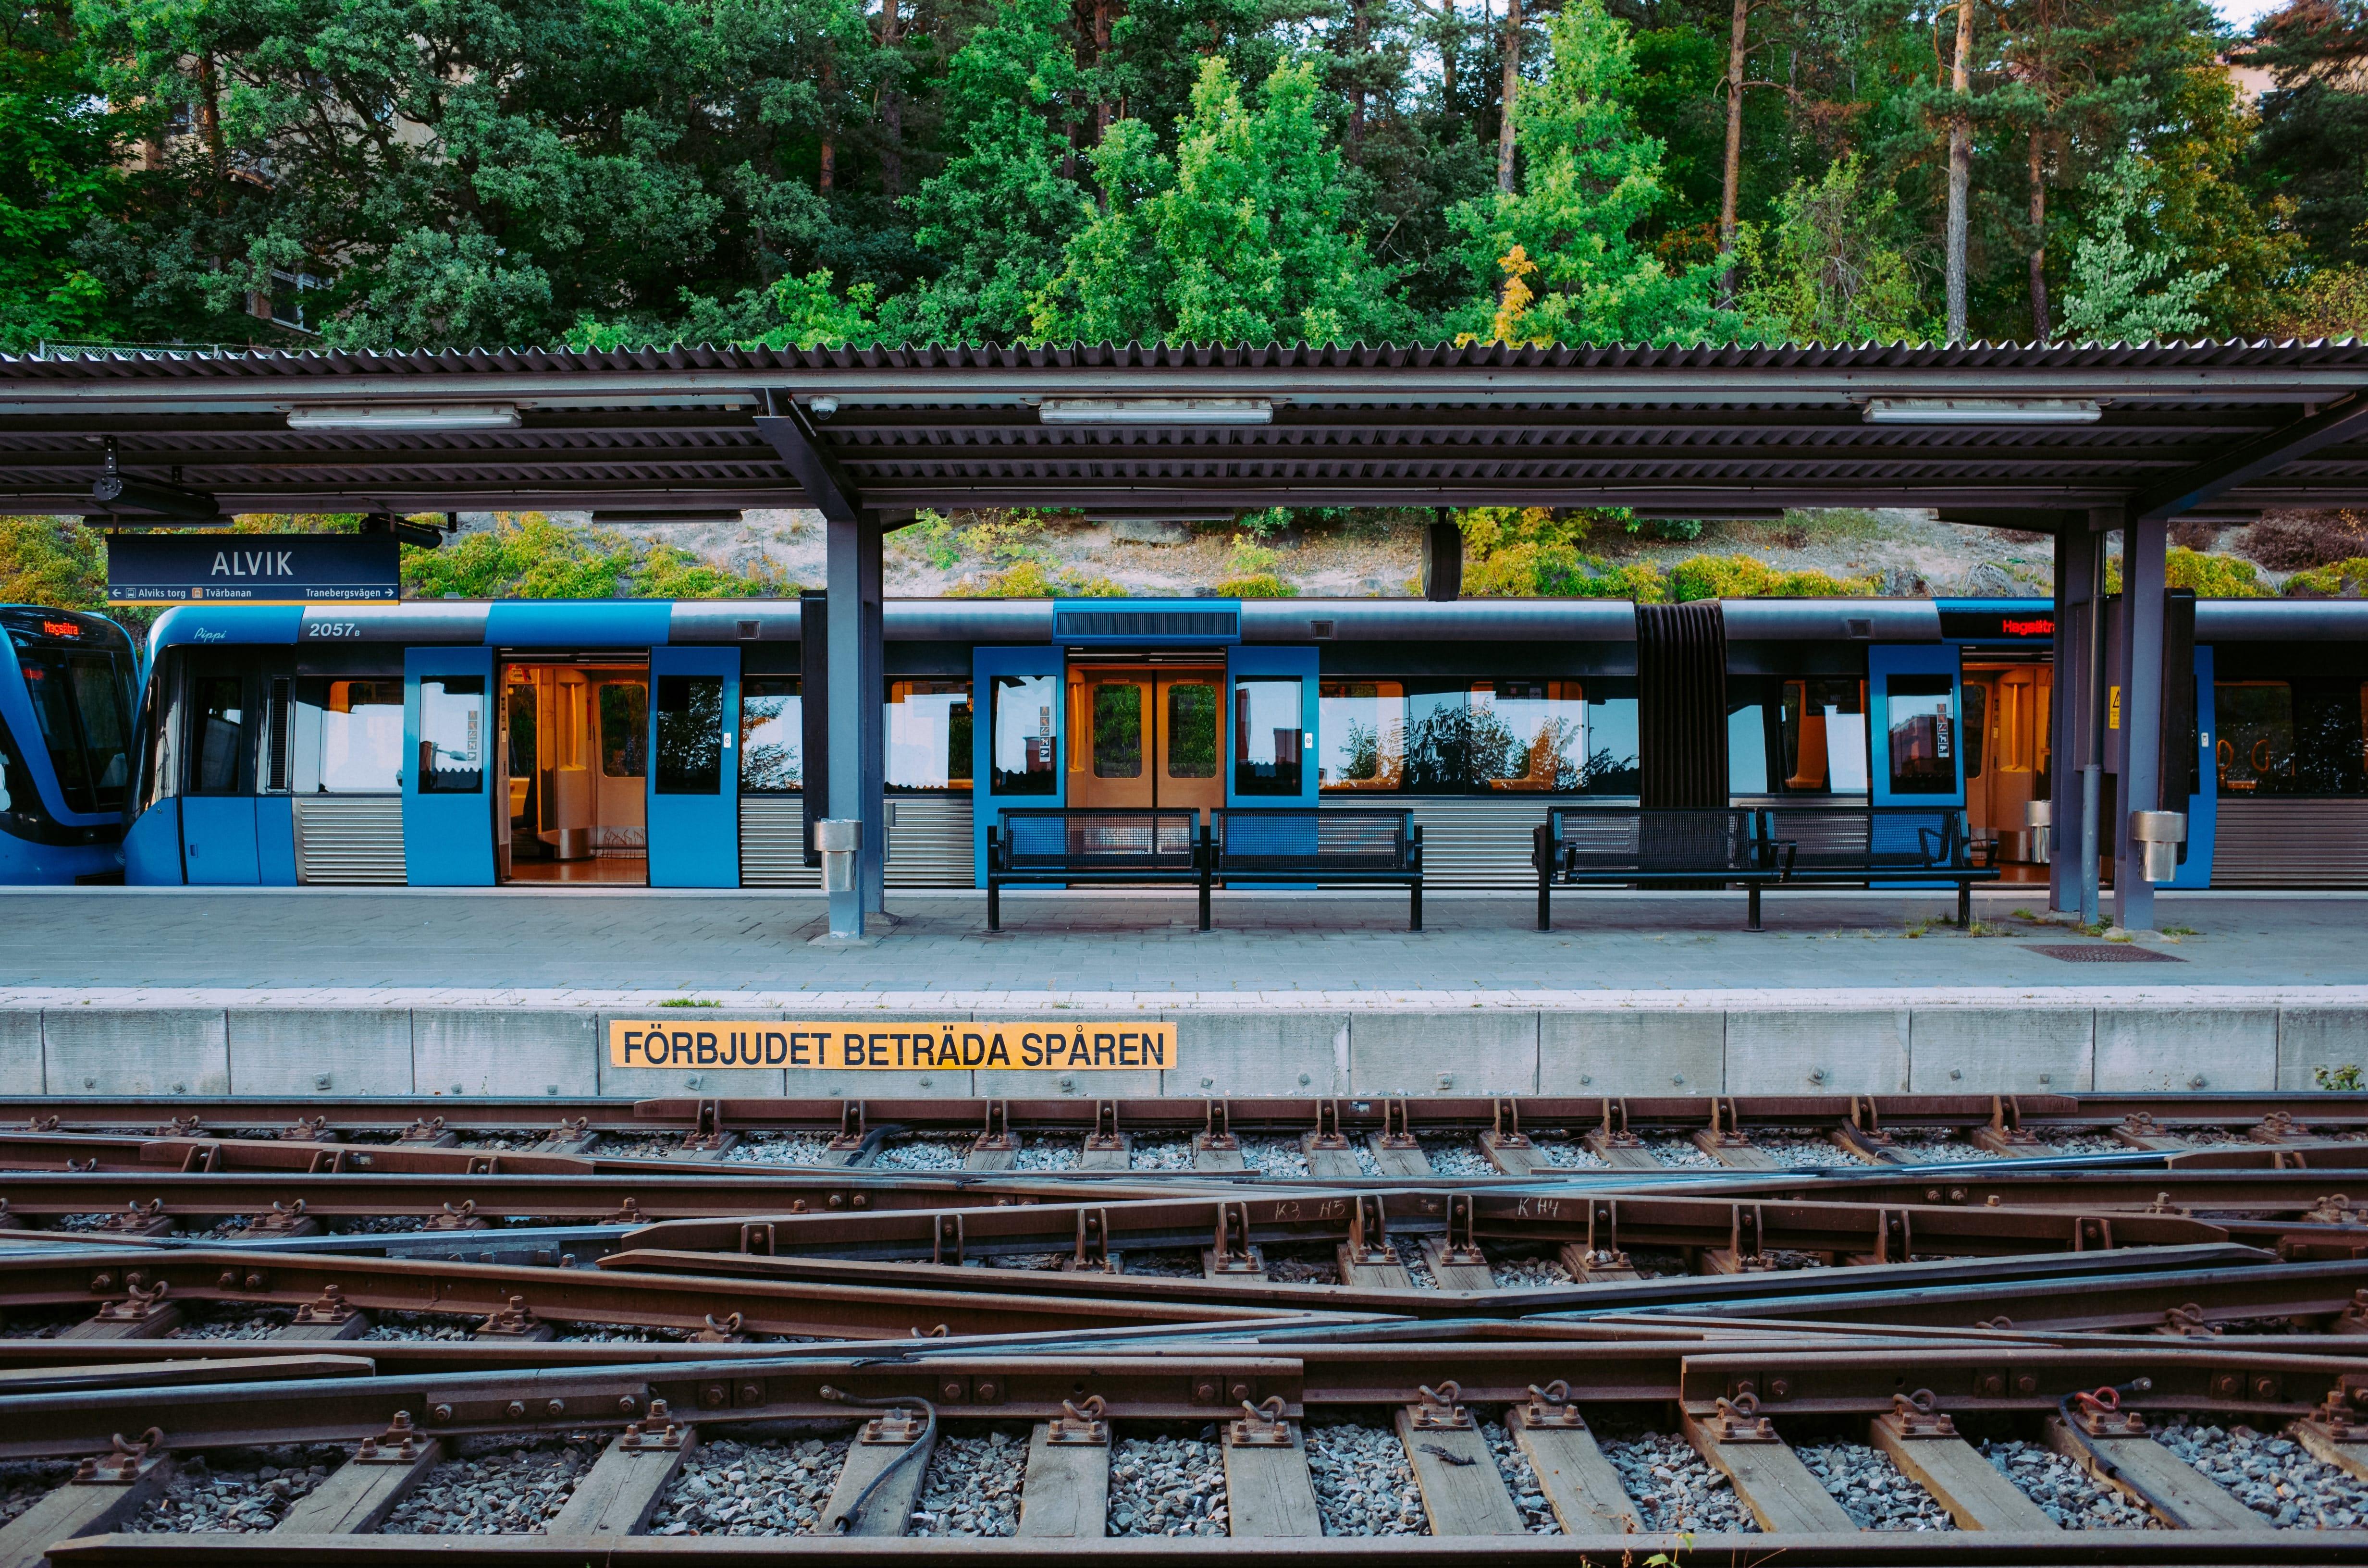 Train Station Alvik